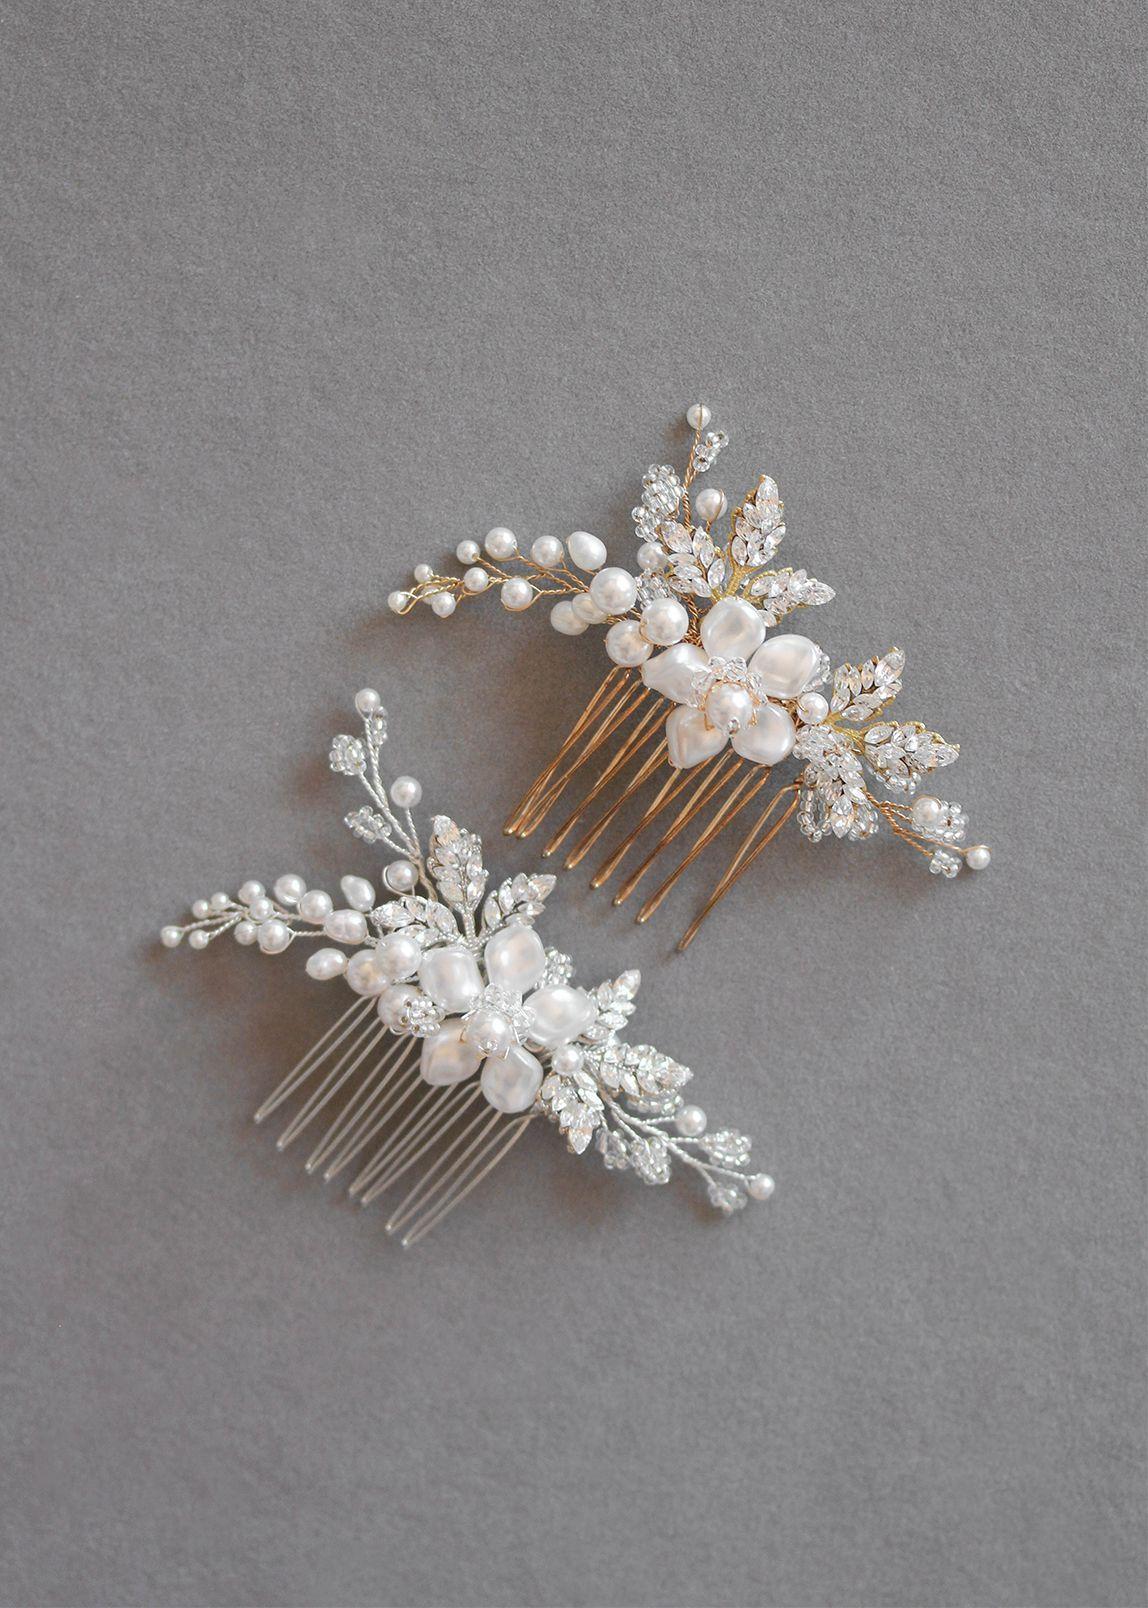 Aries Pearl Bridal Hair Comb Pinterest Hair Combs Bridal Hair